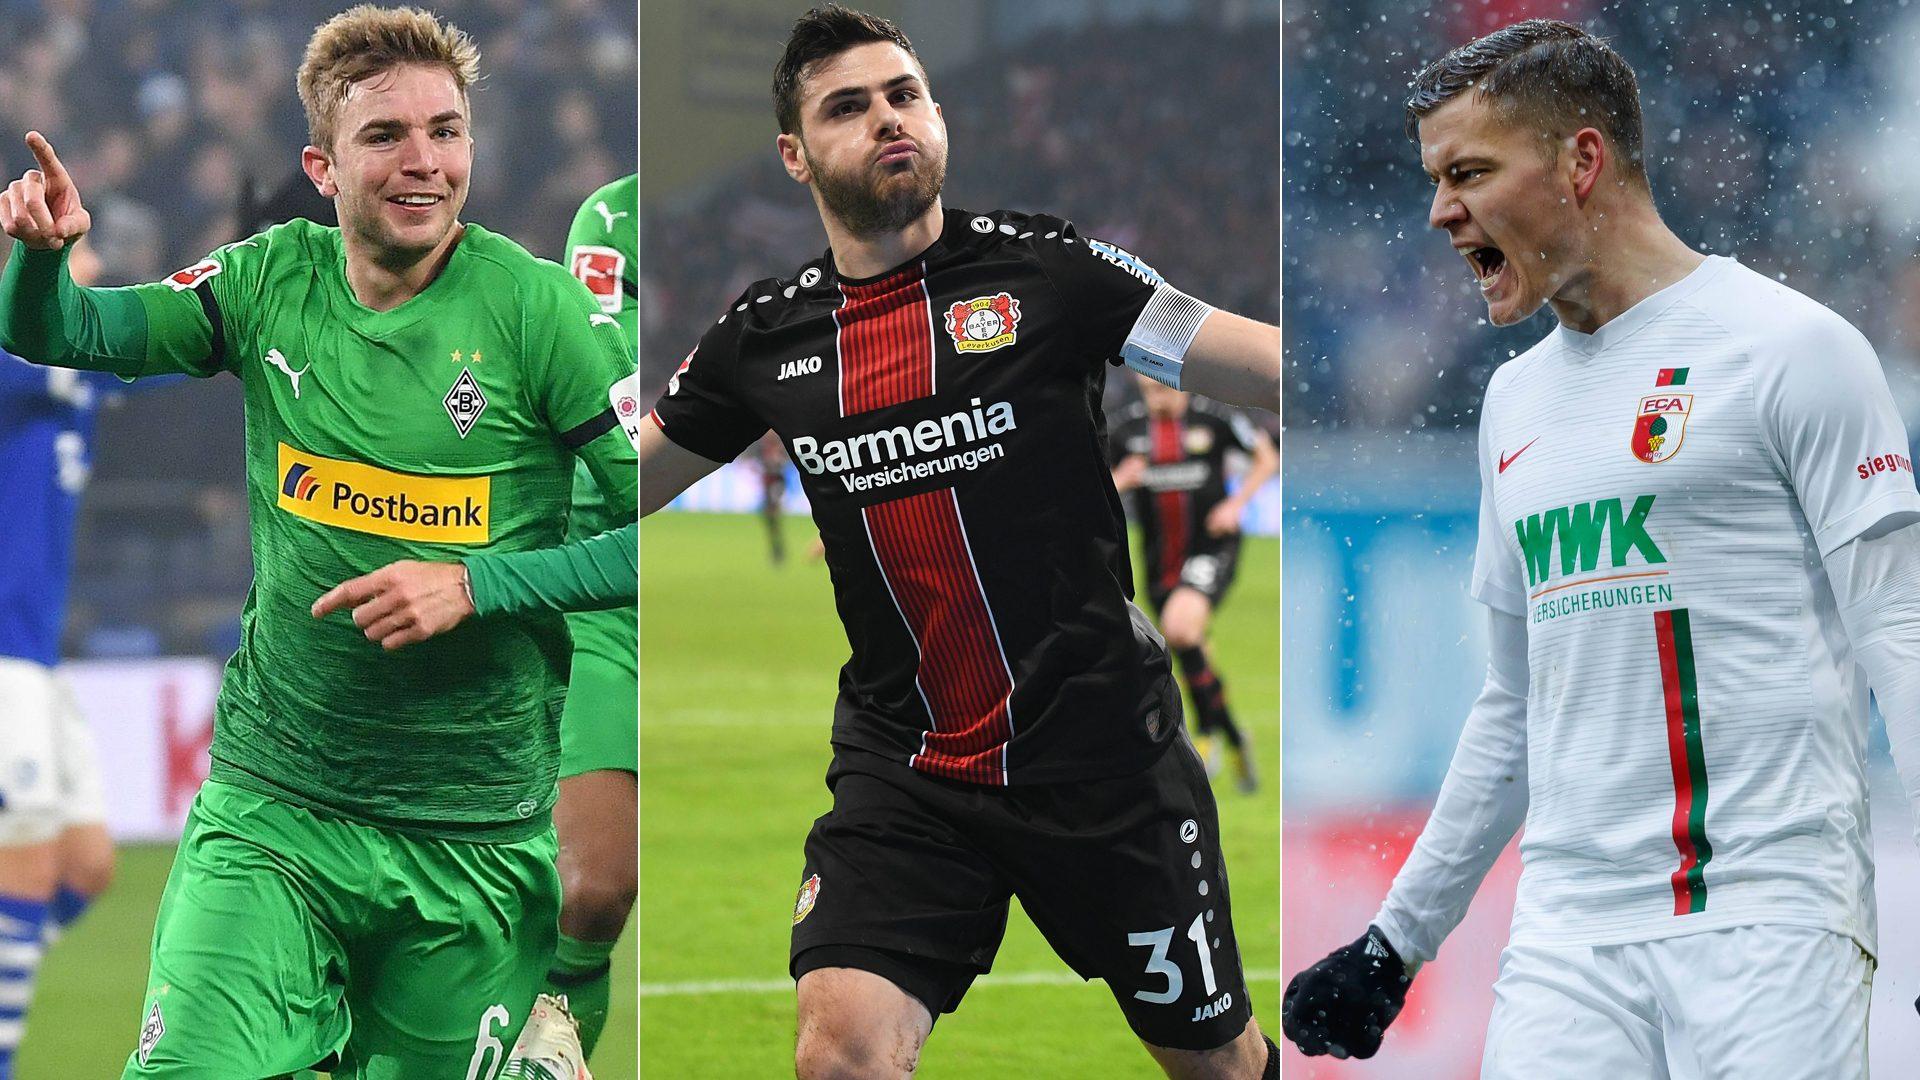 Bundesliga Soieltag